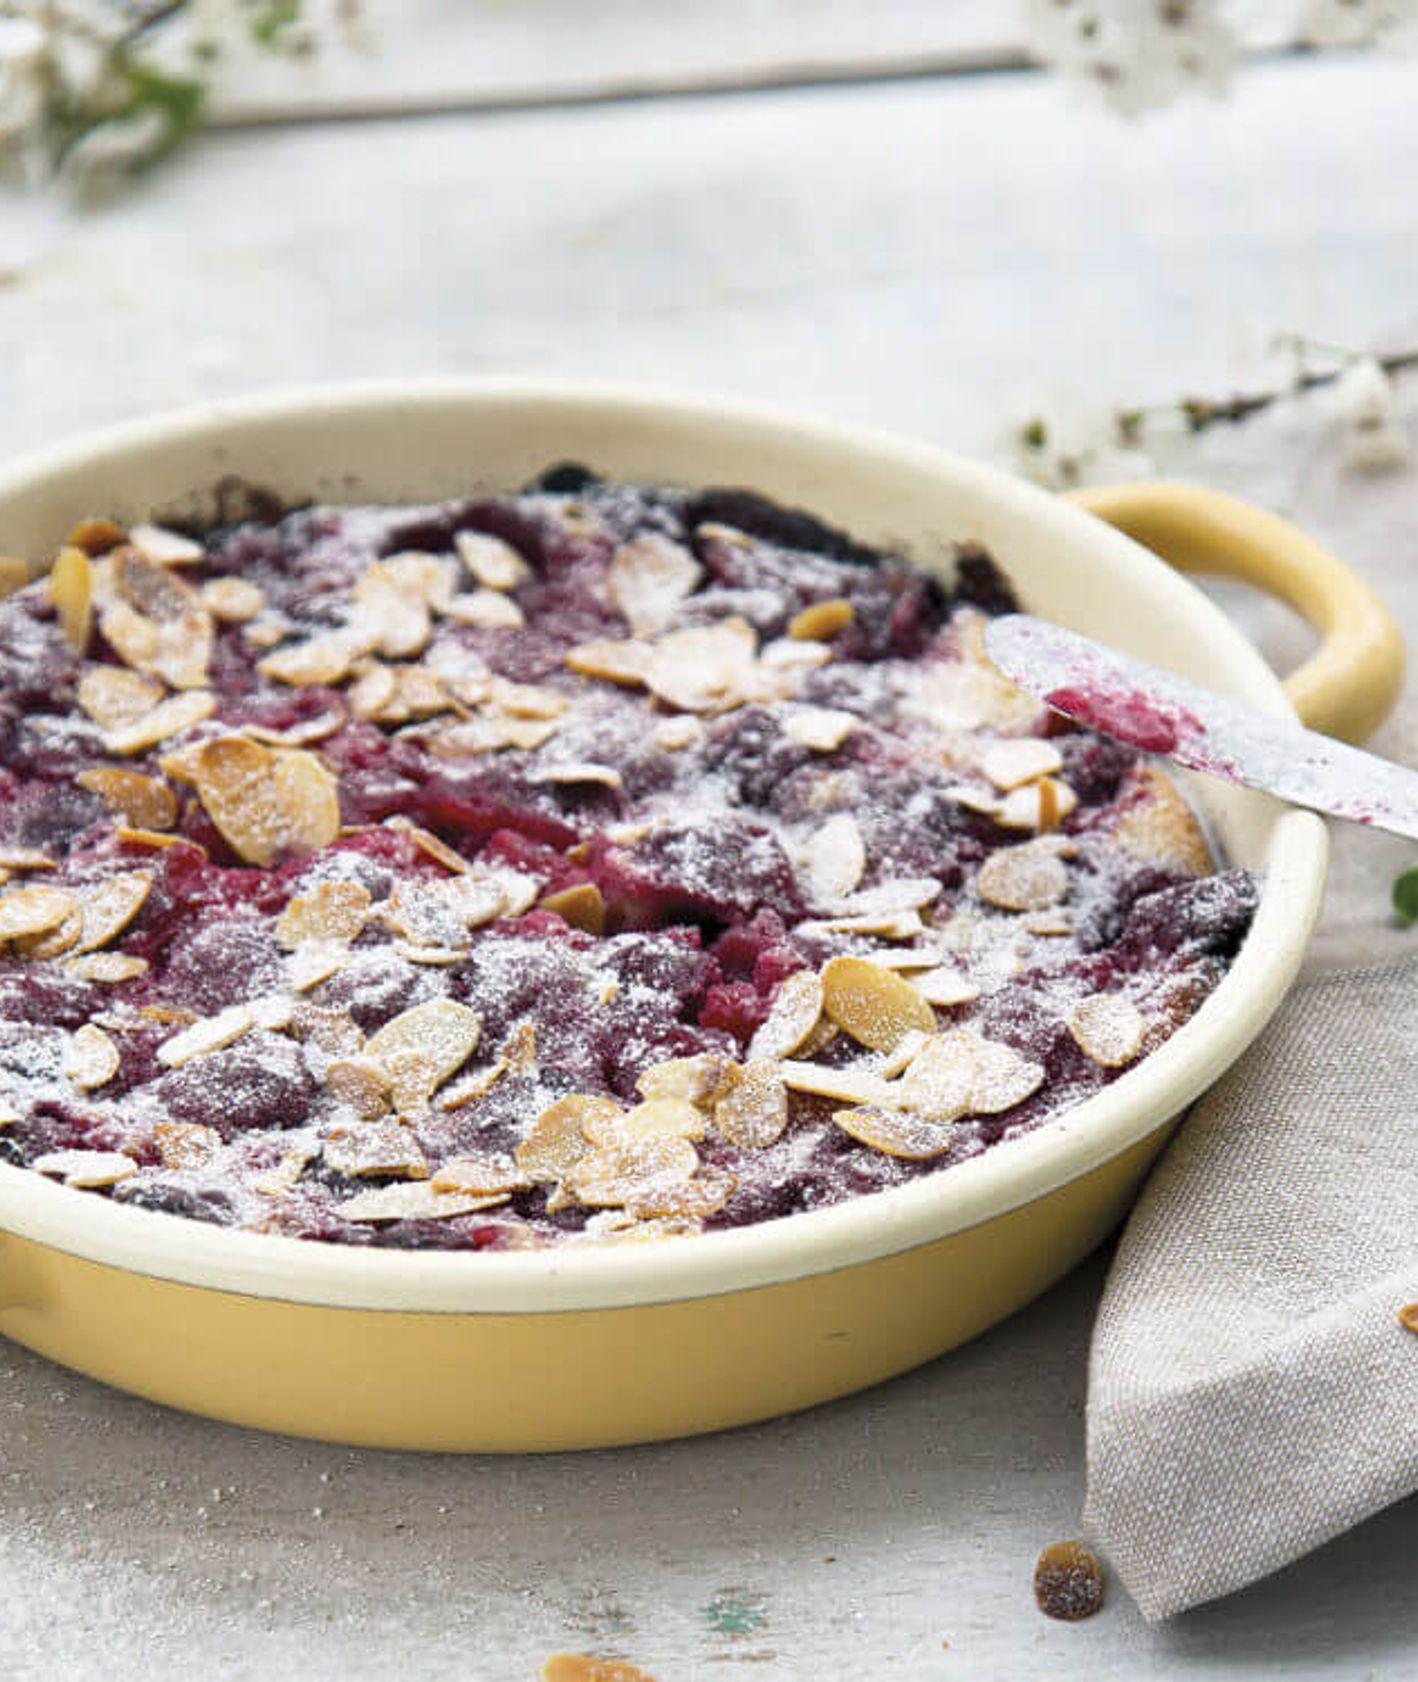 szybkie śniadanie, śniadanie na słodko, pieczony naleśnik z wiśniami, naleśniki z czereśniami, sezonowe śniadanie, śniadanie z piekarnika, śniadanie z owocami